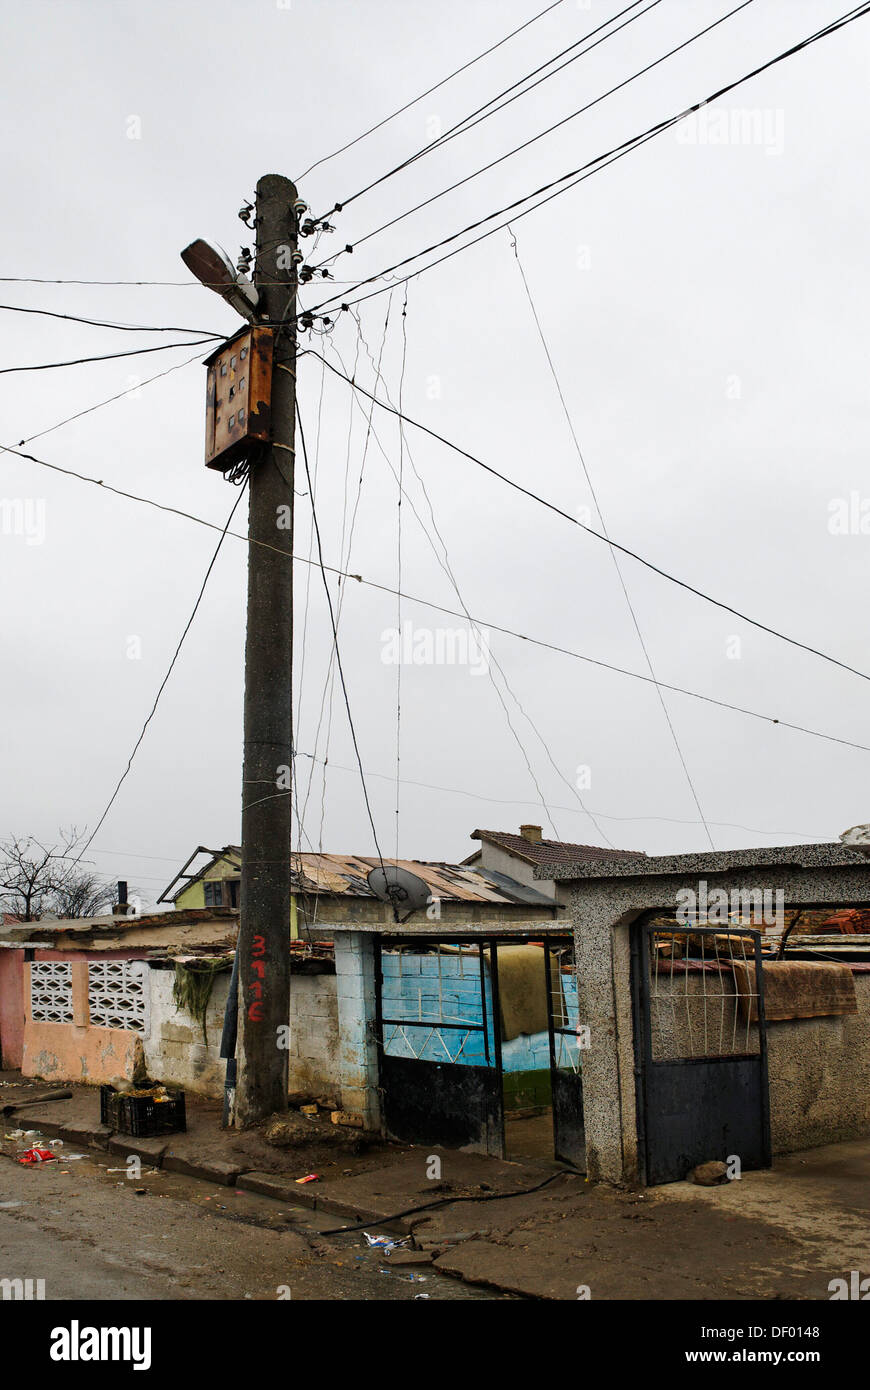 Electricity burglary, ghetto, Romani, Roma quater, Valdislavovo, Varna, Bulgary, Europe - Stock Image